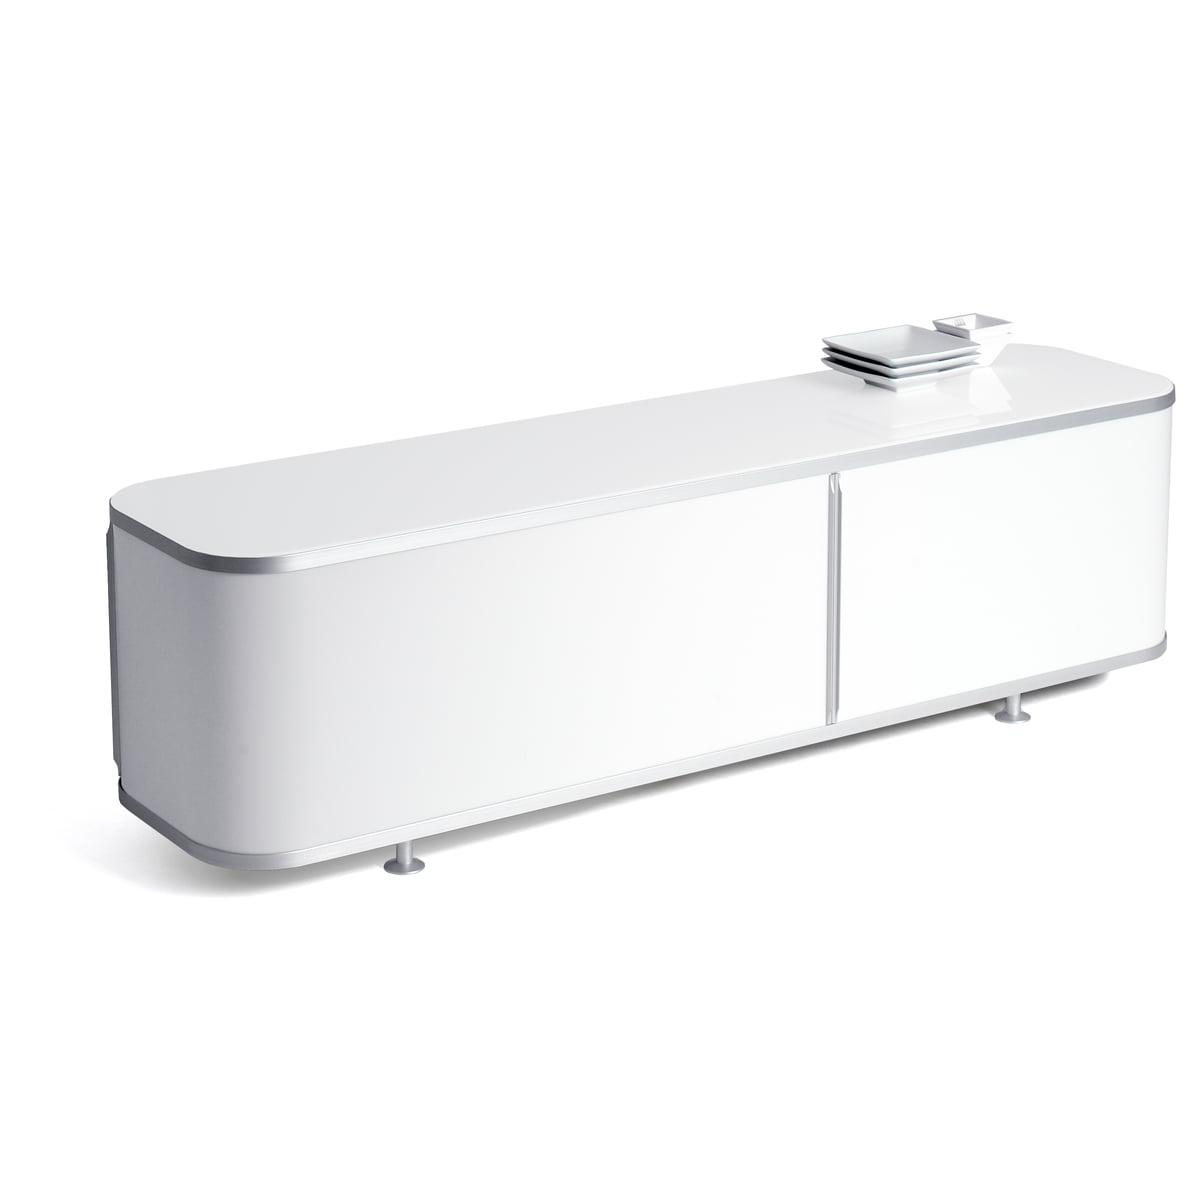 18 Sideboard, 148 x 44 cm, weiß / opal